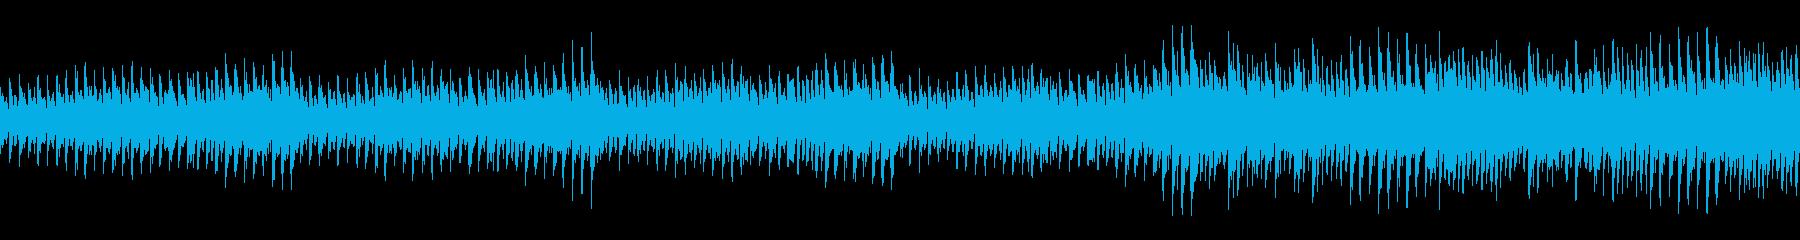 鉄琴、ブラス、ティンパニの運動会BGMの再生済みの波形